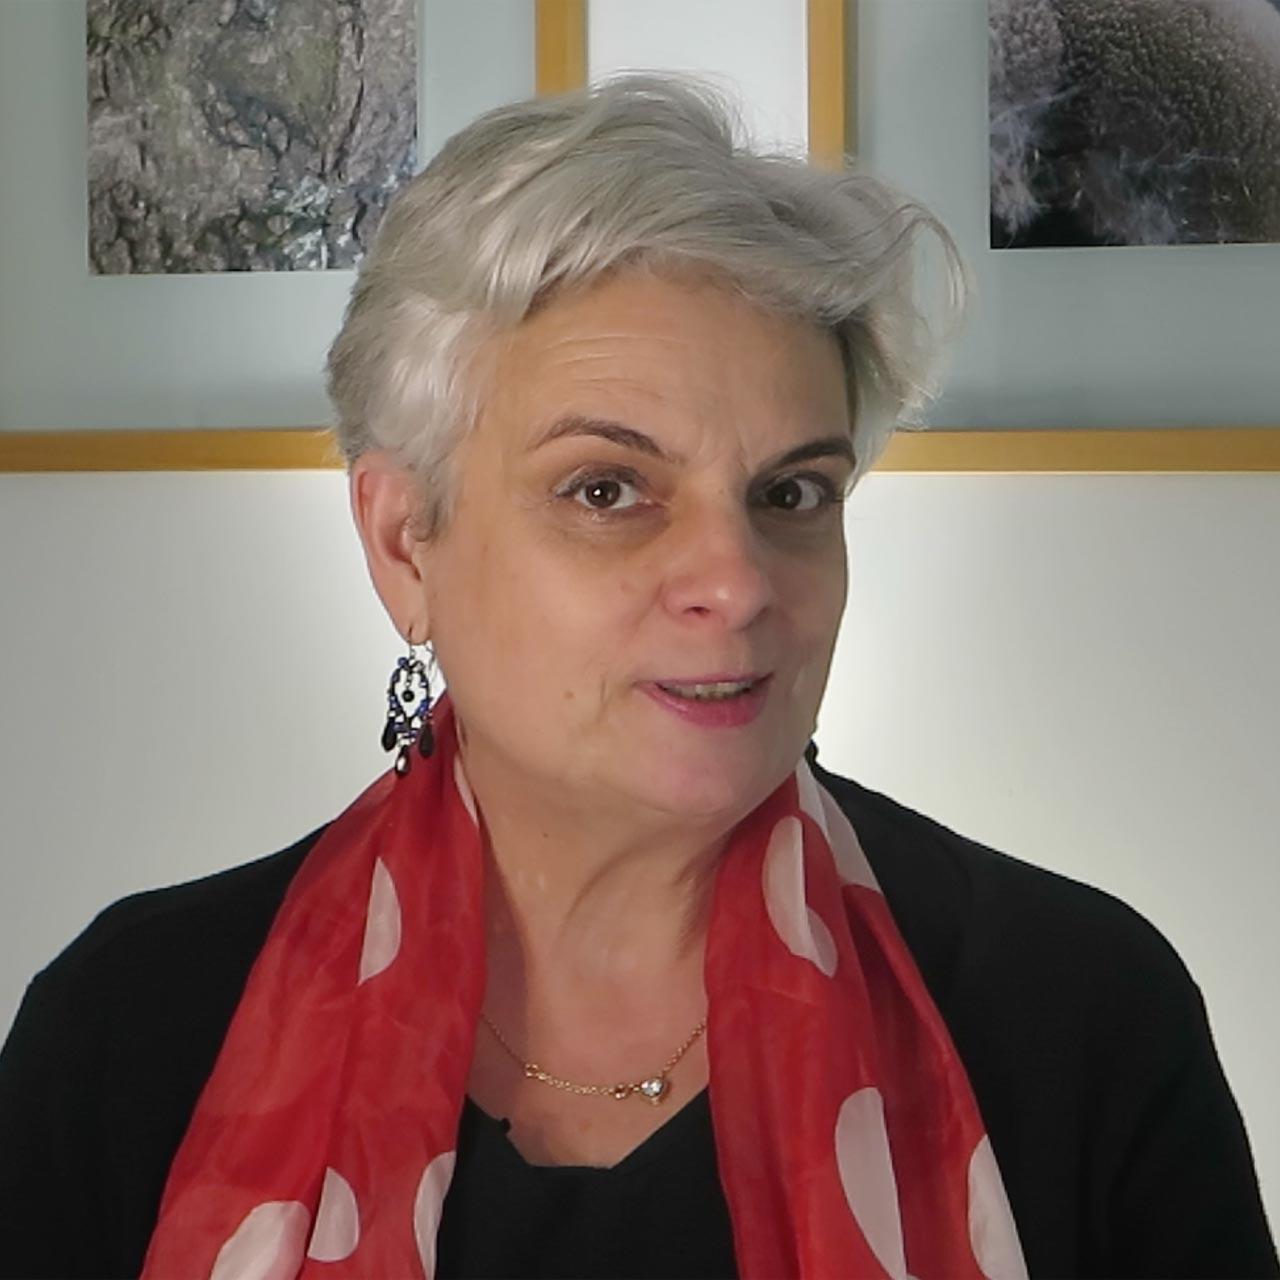 Pascale Bégat - Community Manager